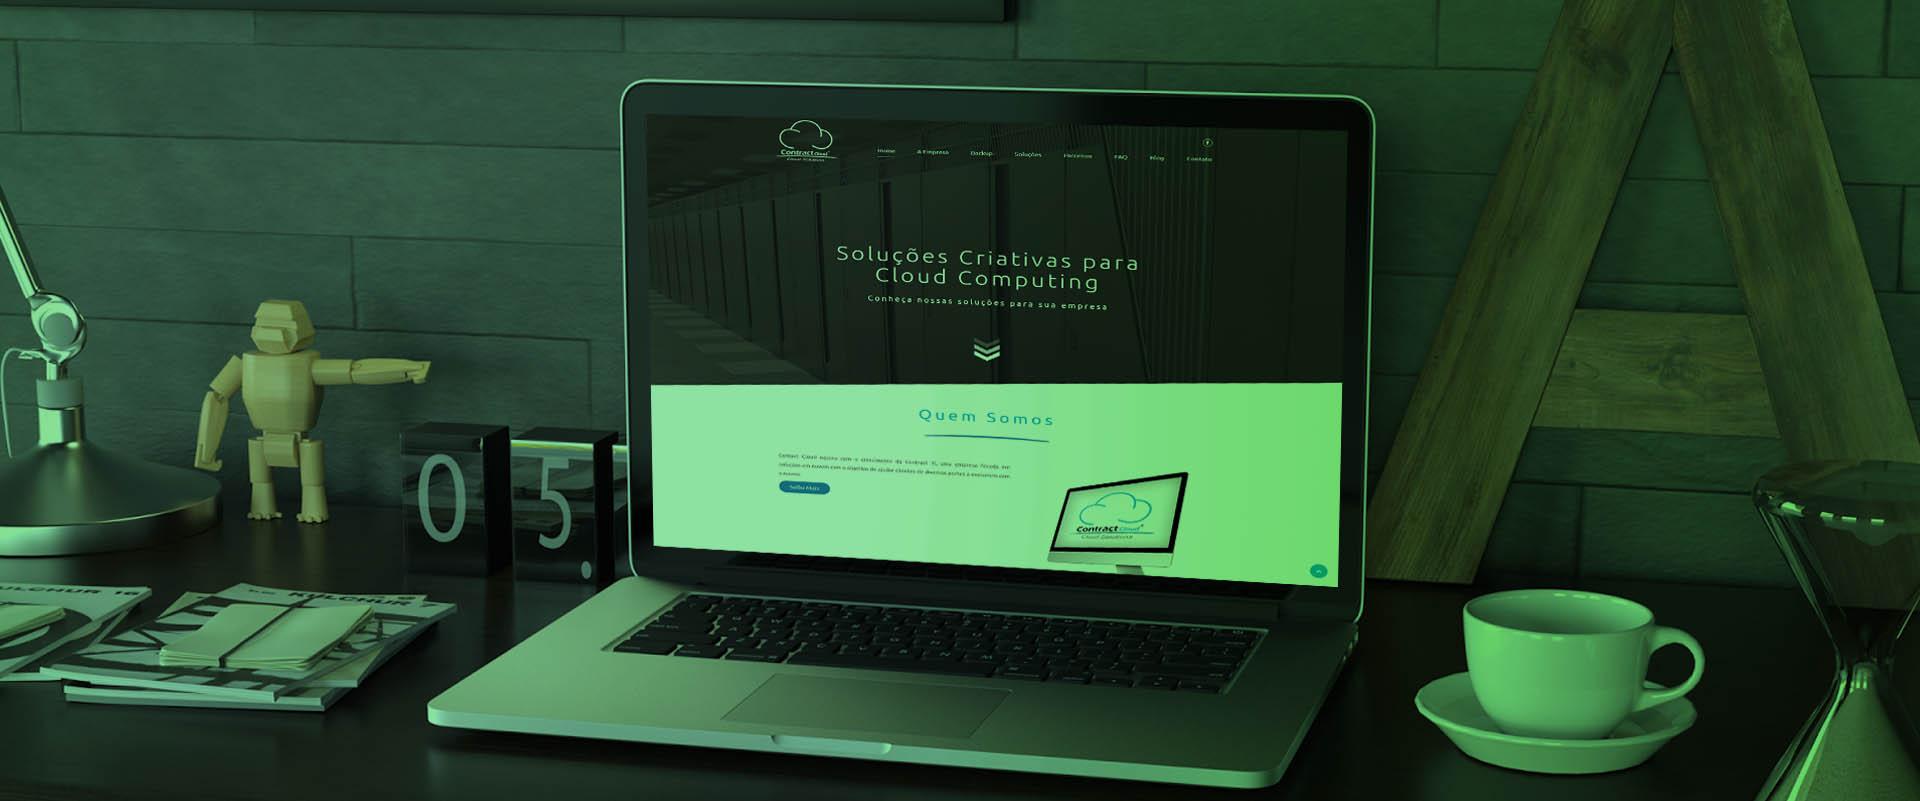 Criação de sites para empresas de tecnologia